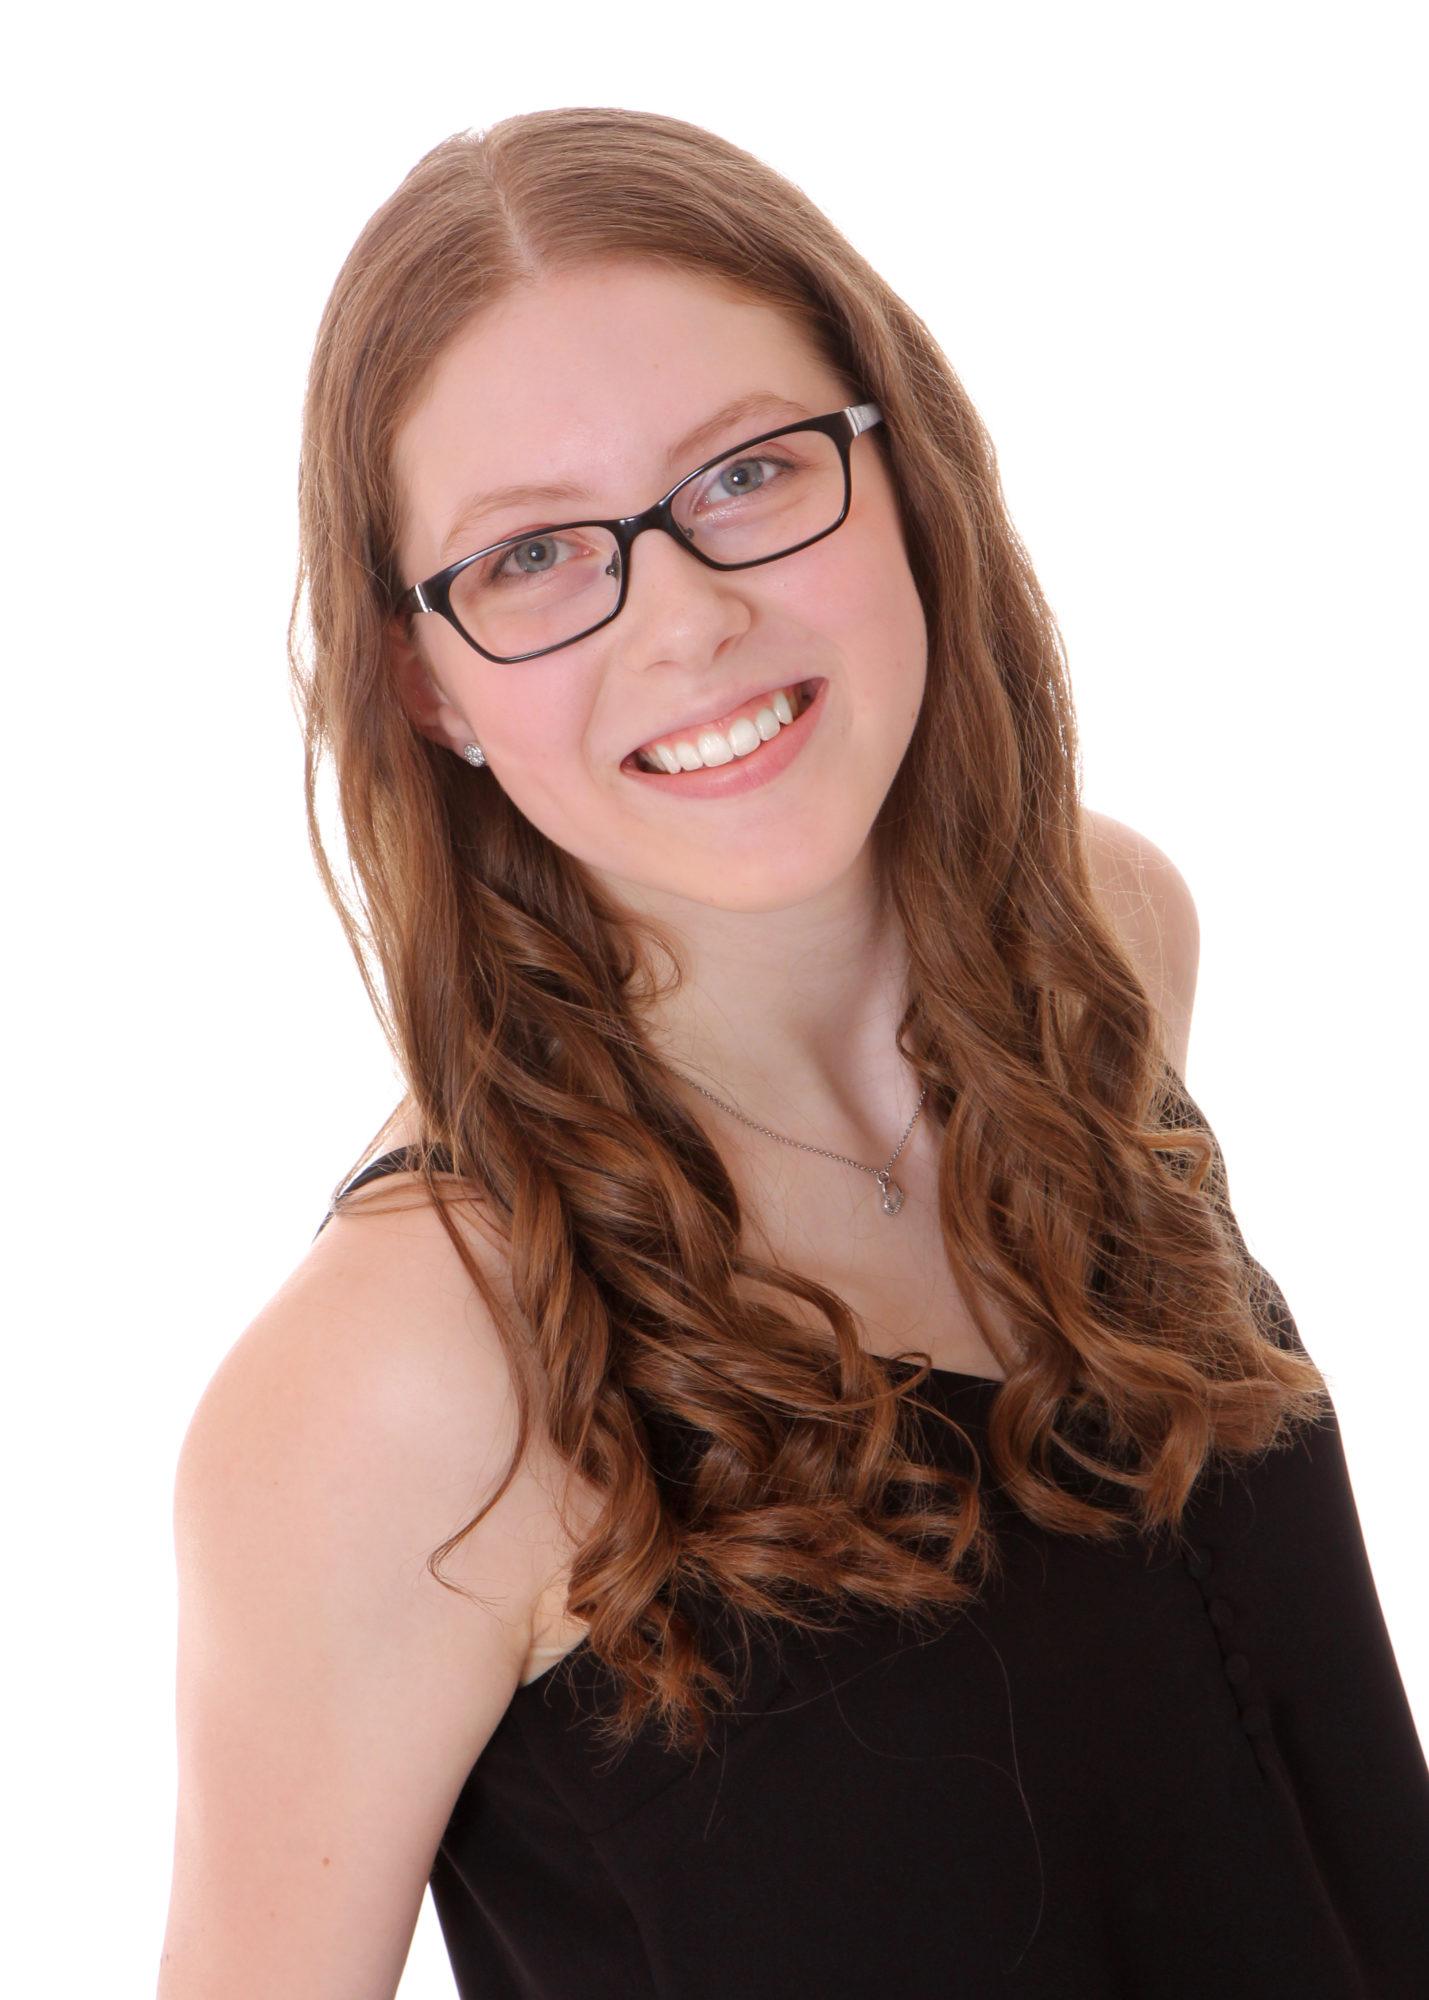 Stephanie Masur